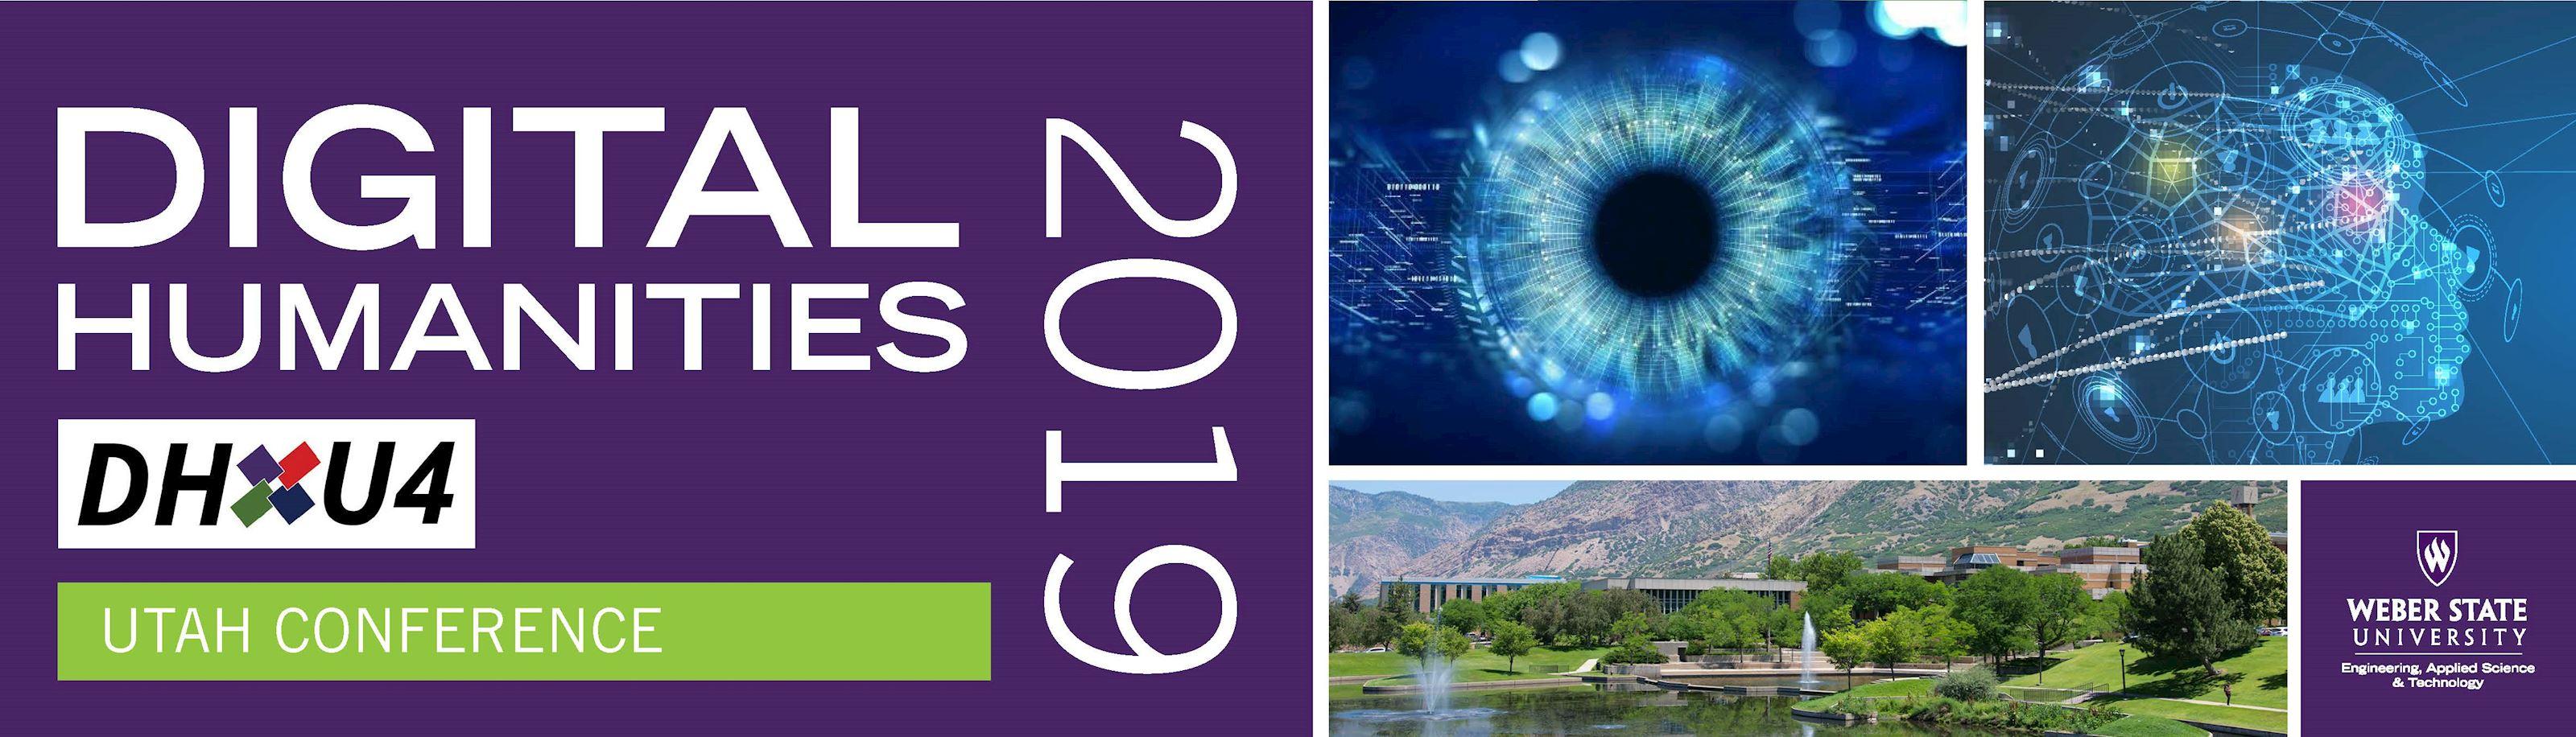 Digital Humanities Utah Conference 2019